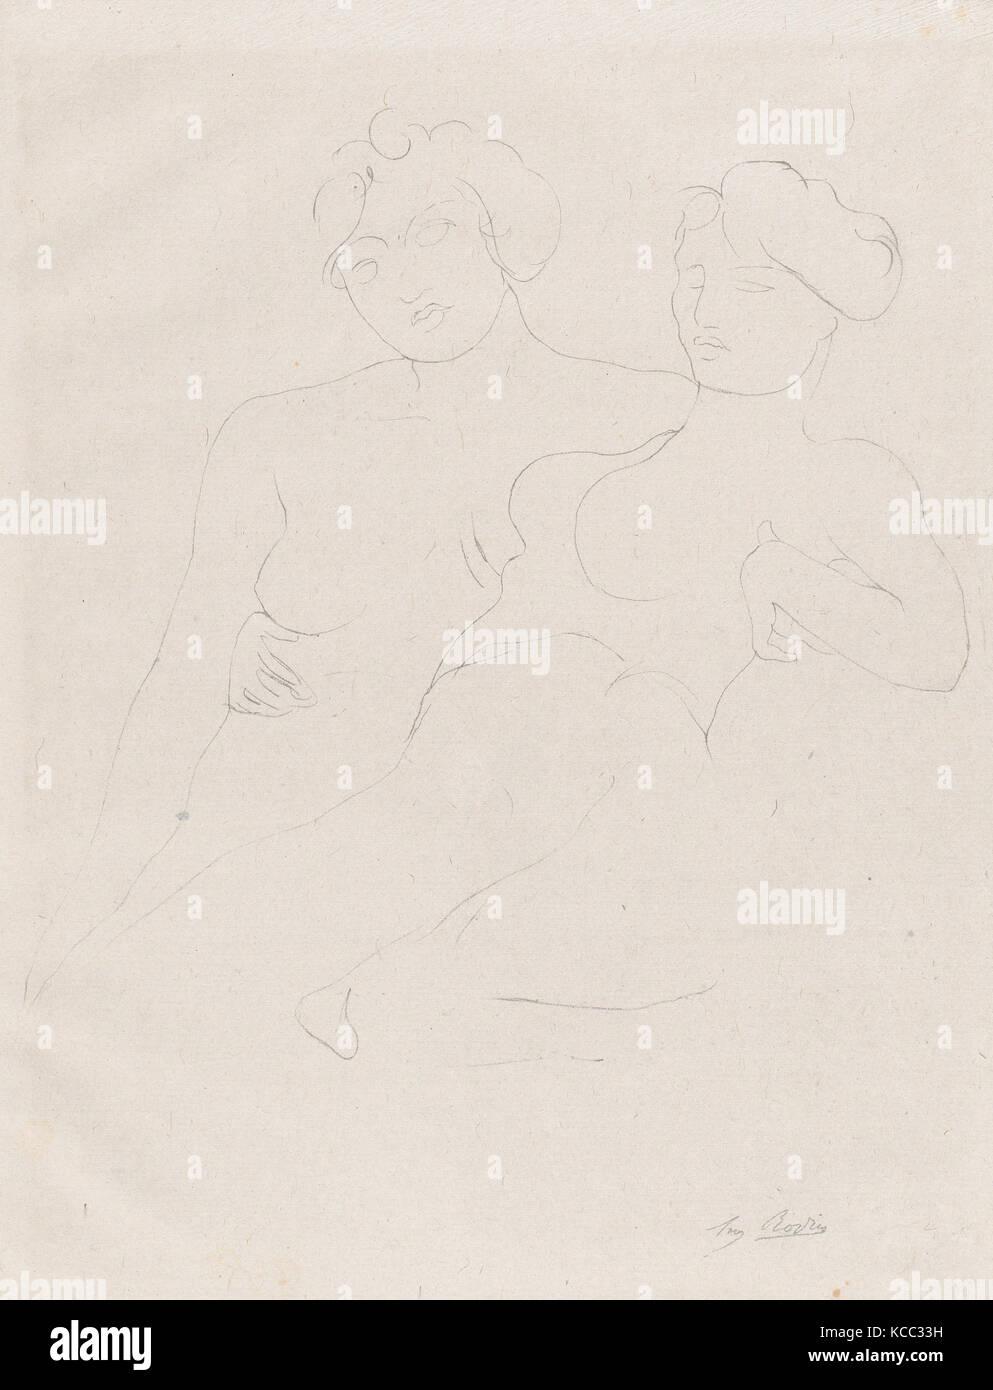 'Petite, petite amie de mes seins et mon ame...', Auguste Rodin, 1902 - Stock Image